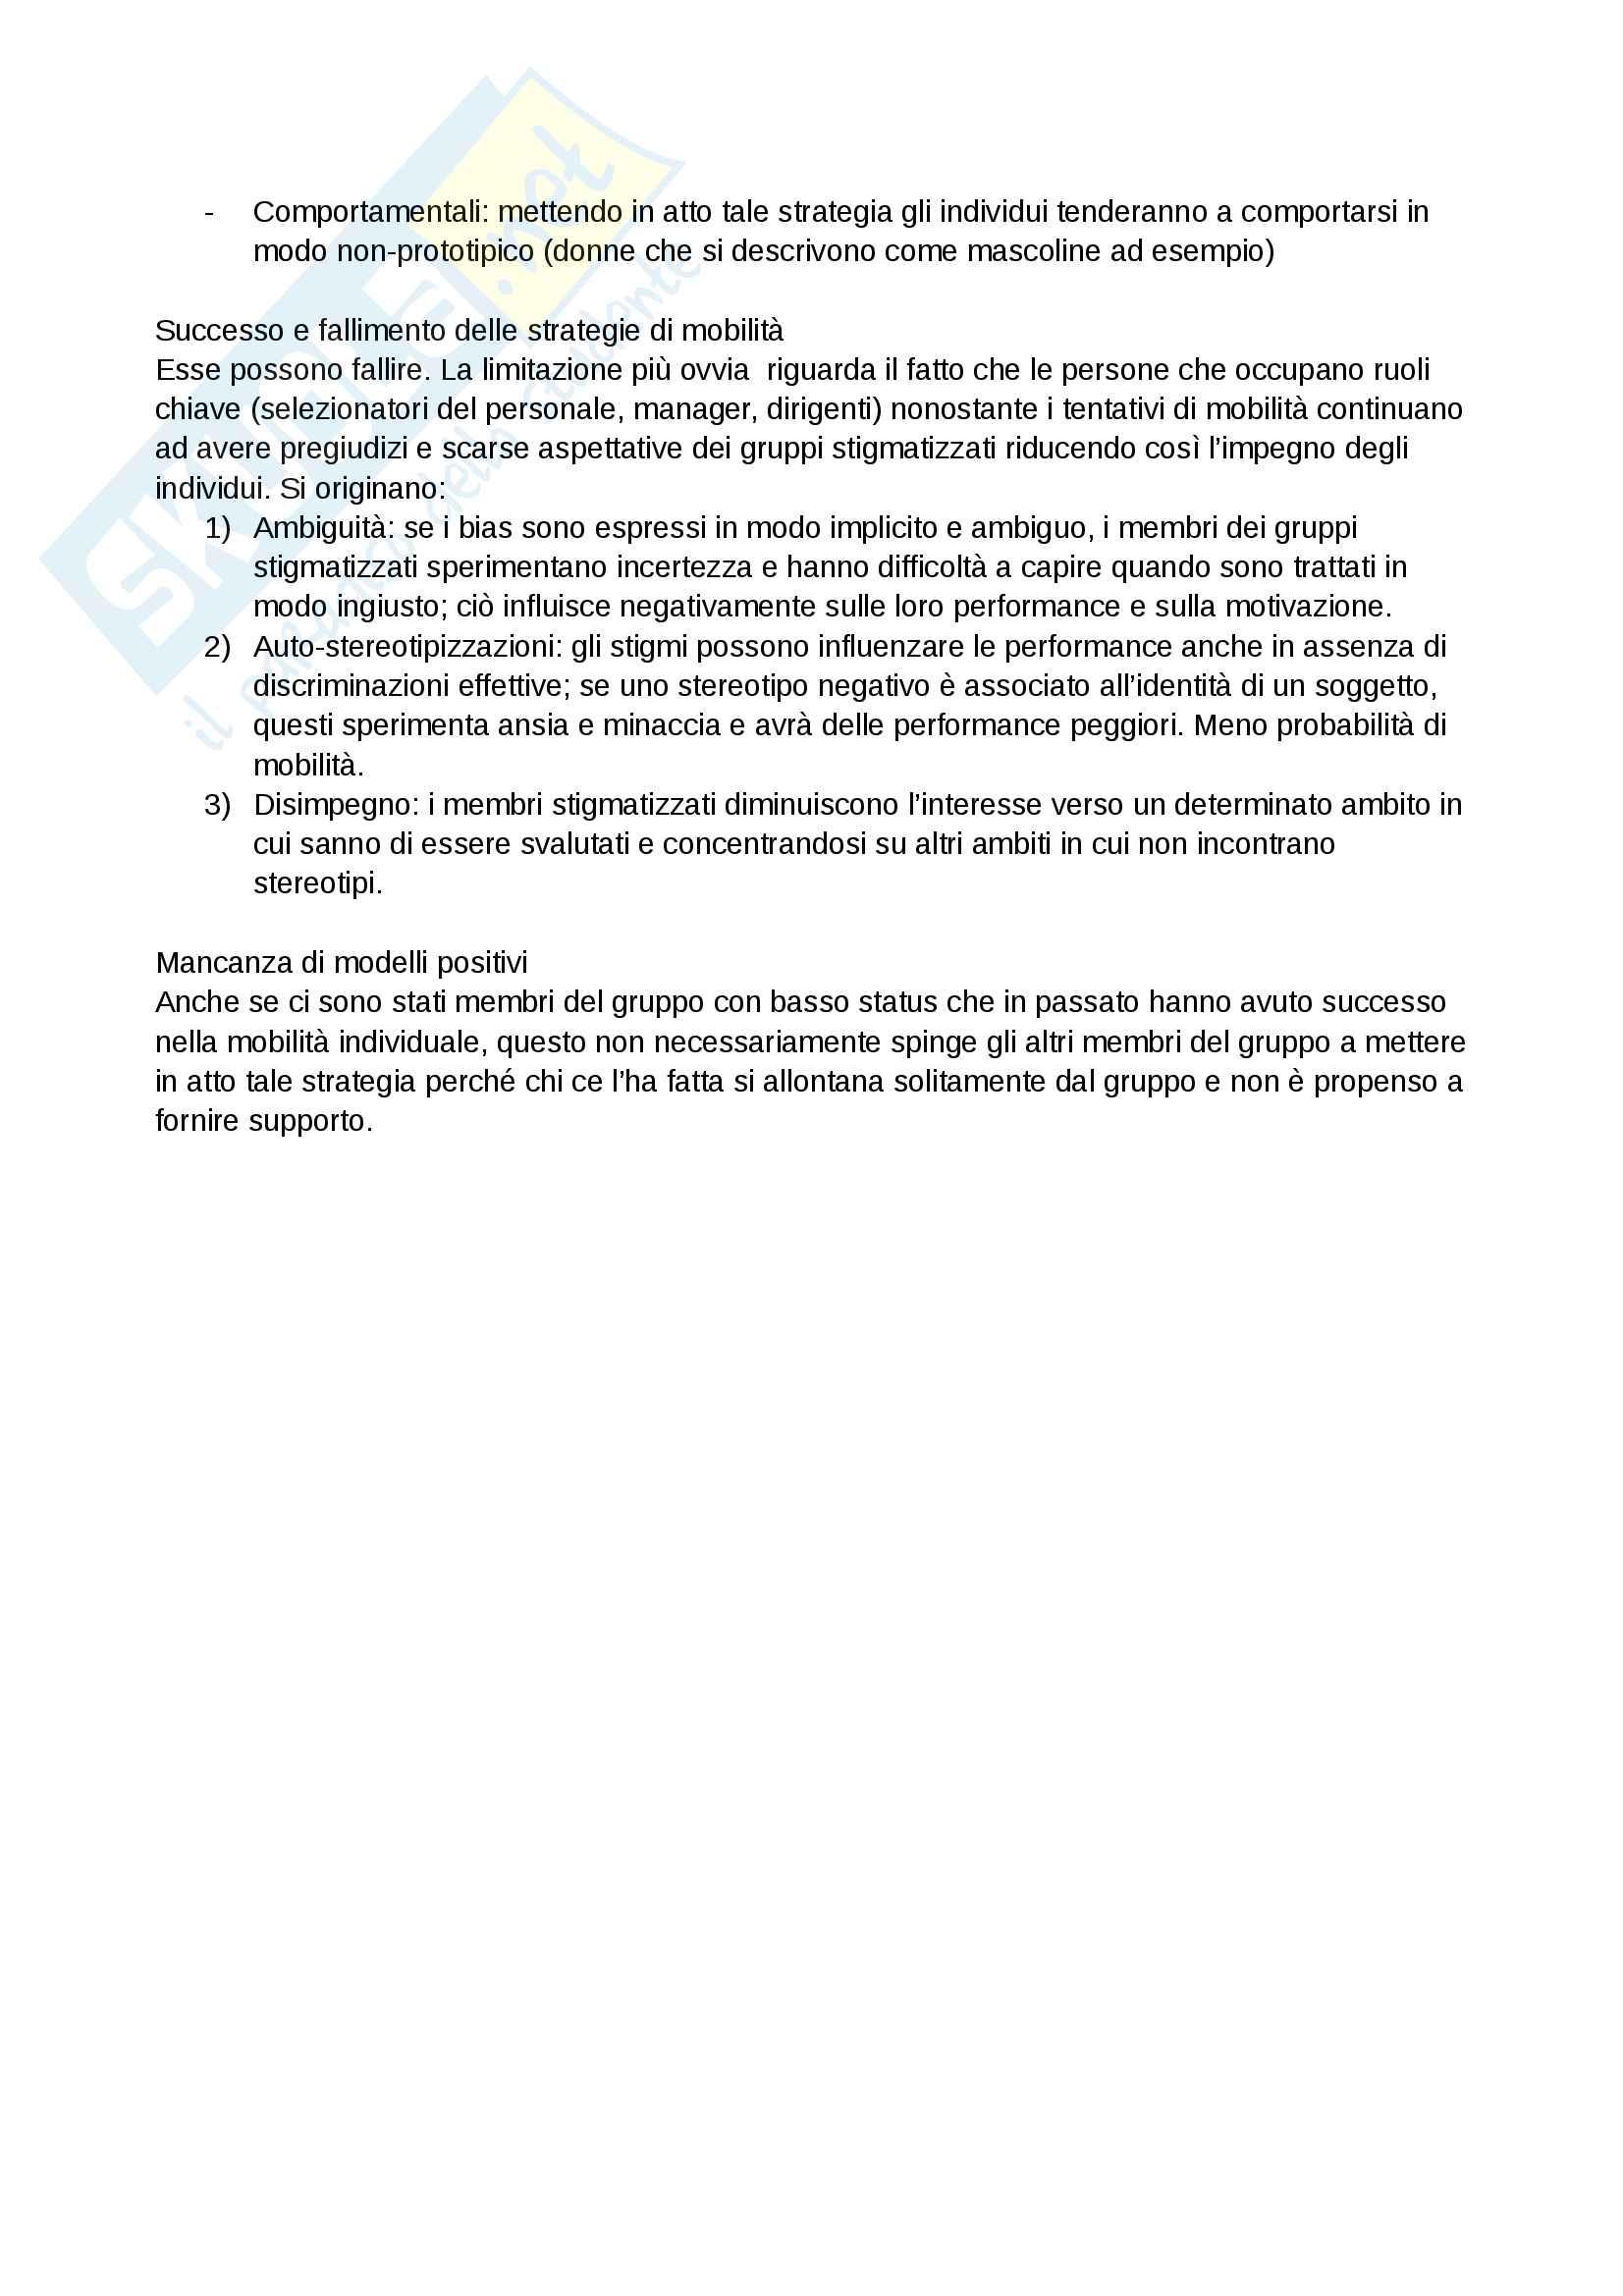 Riassunto esame e Appunti completi di Psicologia Sociale: corso avanzato per l'esame della Prof. Sacchi su Pregiudizio, Stereotipo, Discriminazione Bicocca Pag. 51